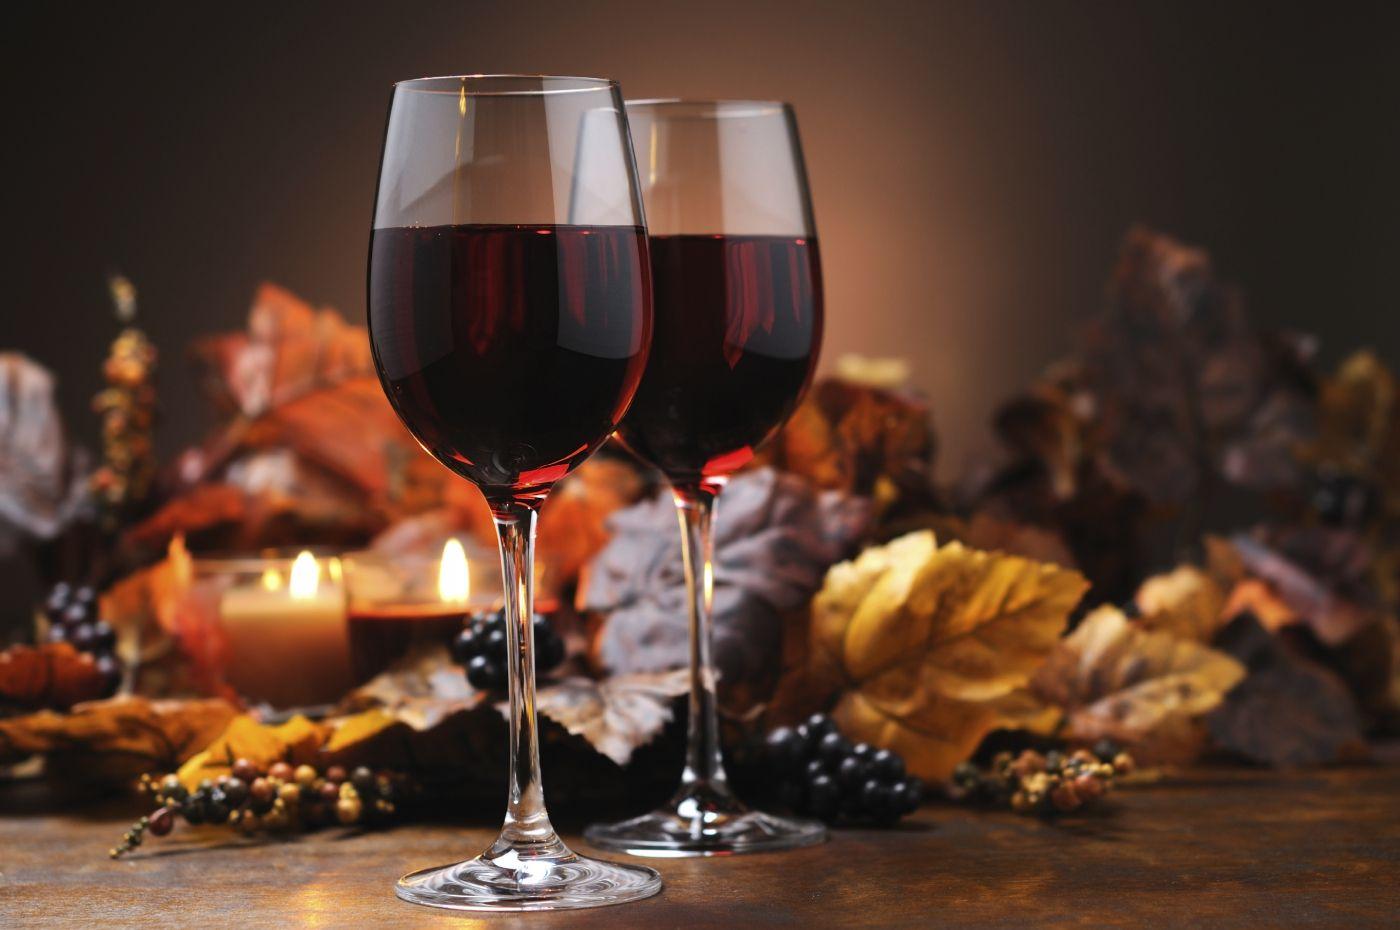 封蜡的红酒都是好酒吗